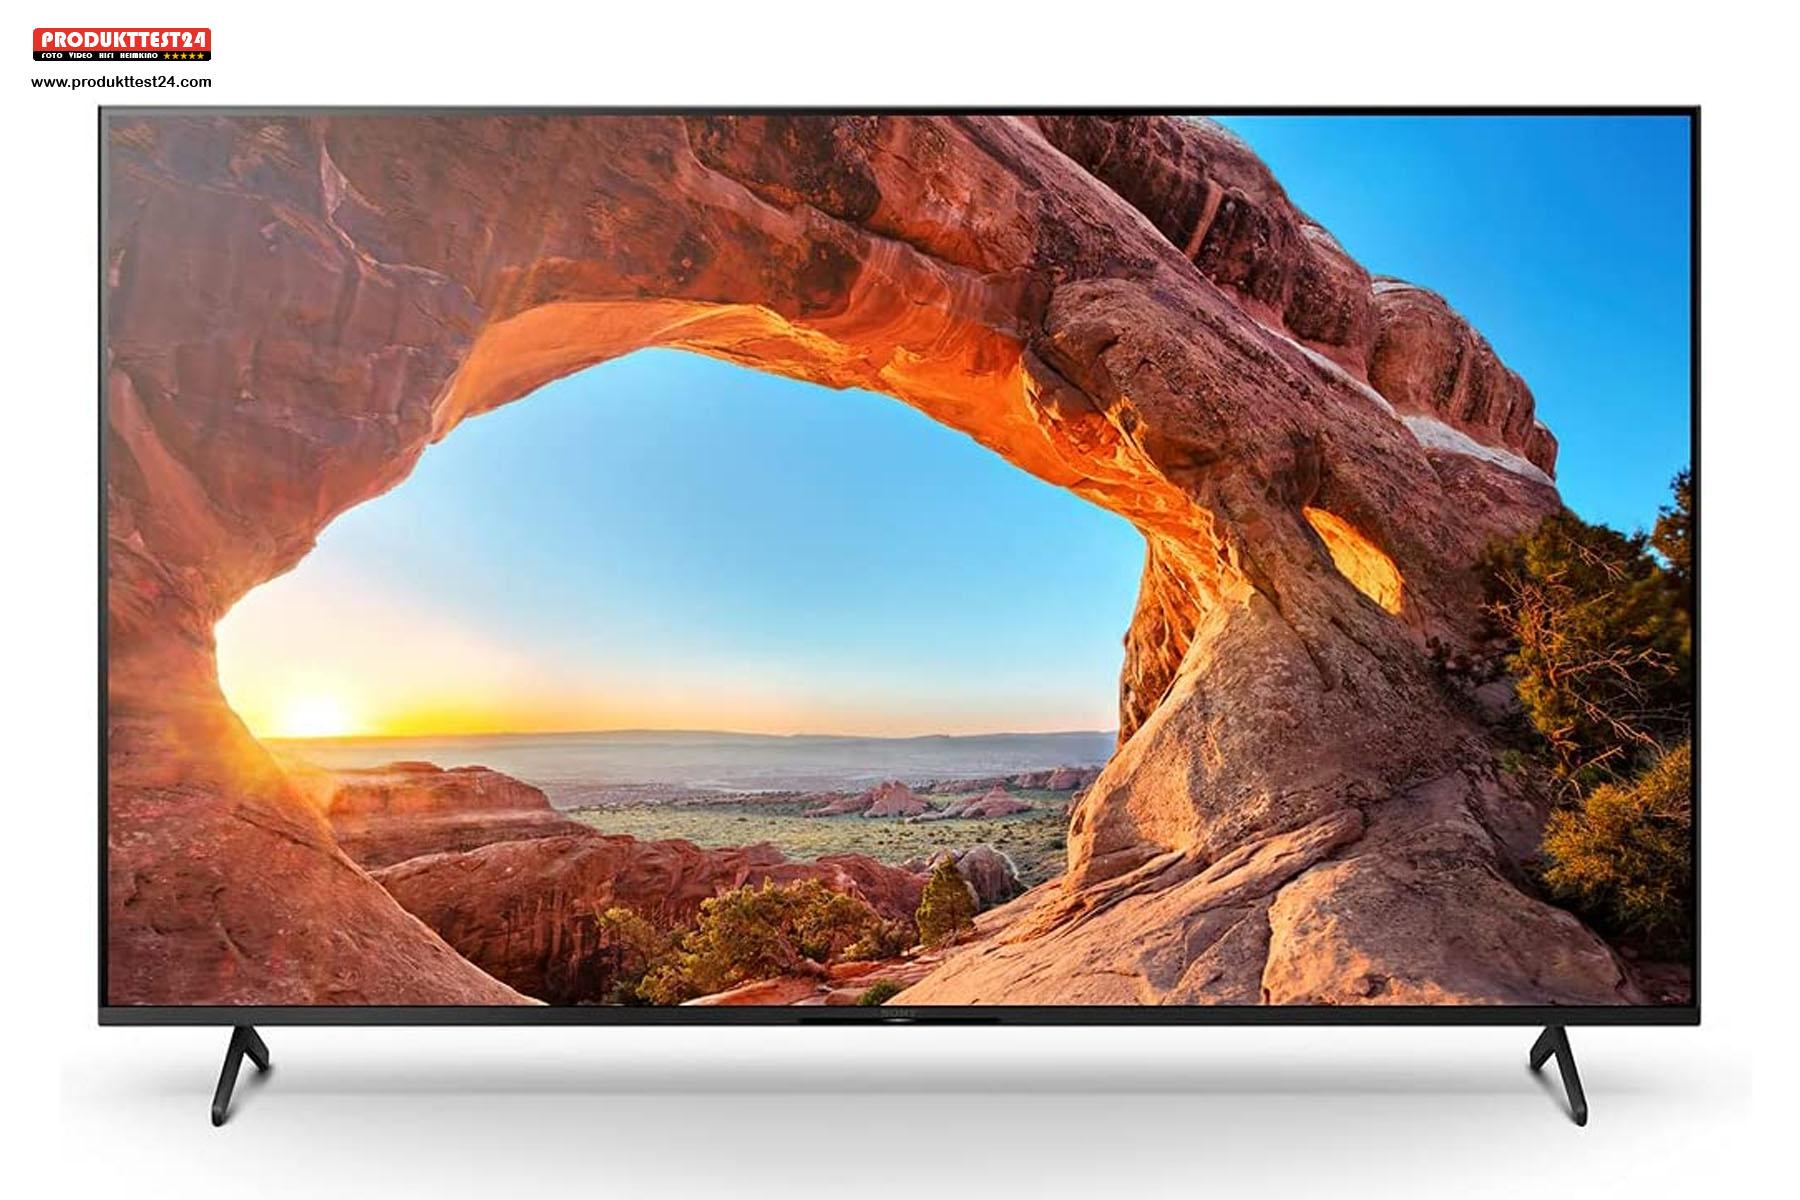 Sony KD-75X85J/P mit 100 Hz und 4K-Auflösung